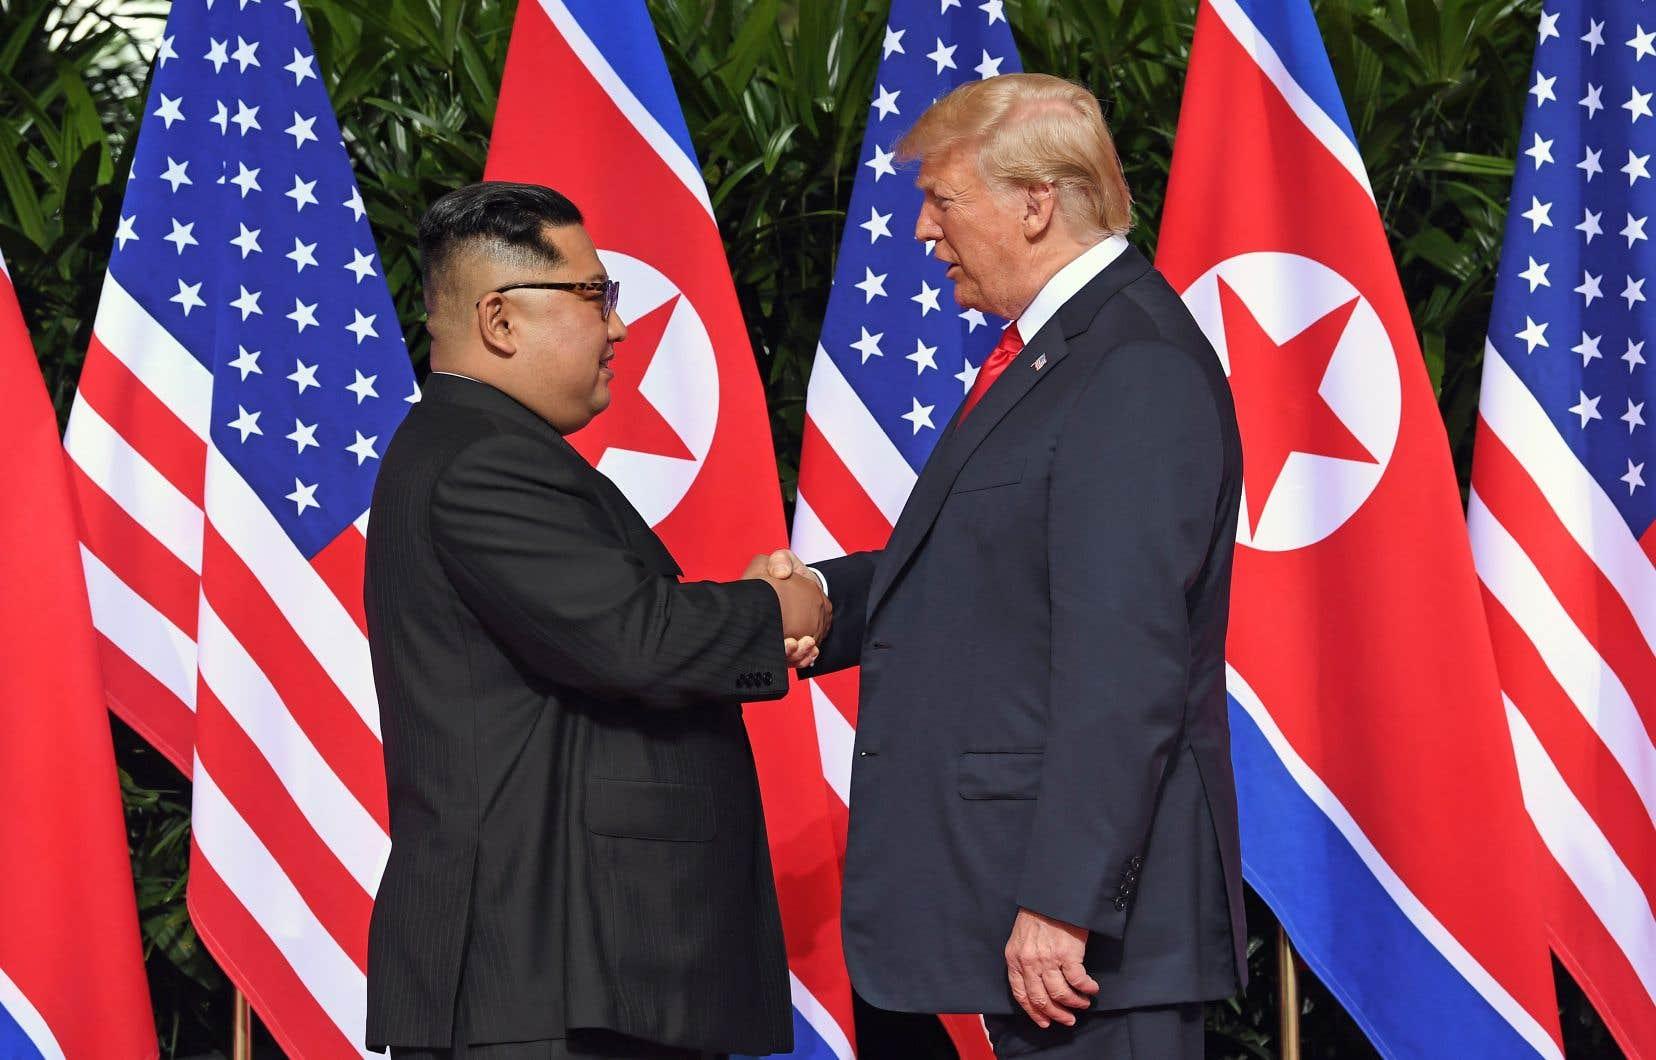 Le dirigeant nord-coréen Kim Jong-un et le président américain, Donald Trump